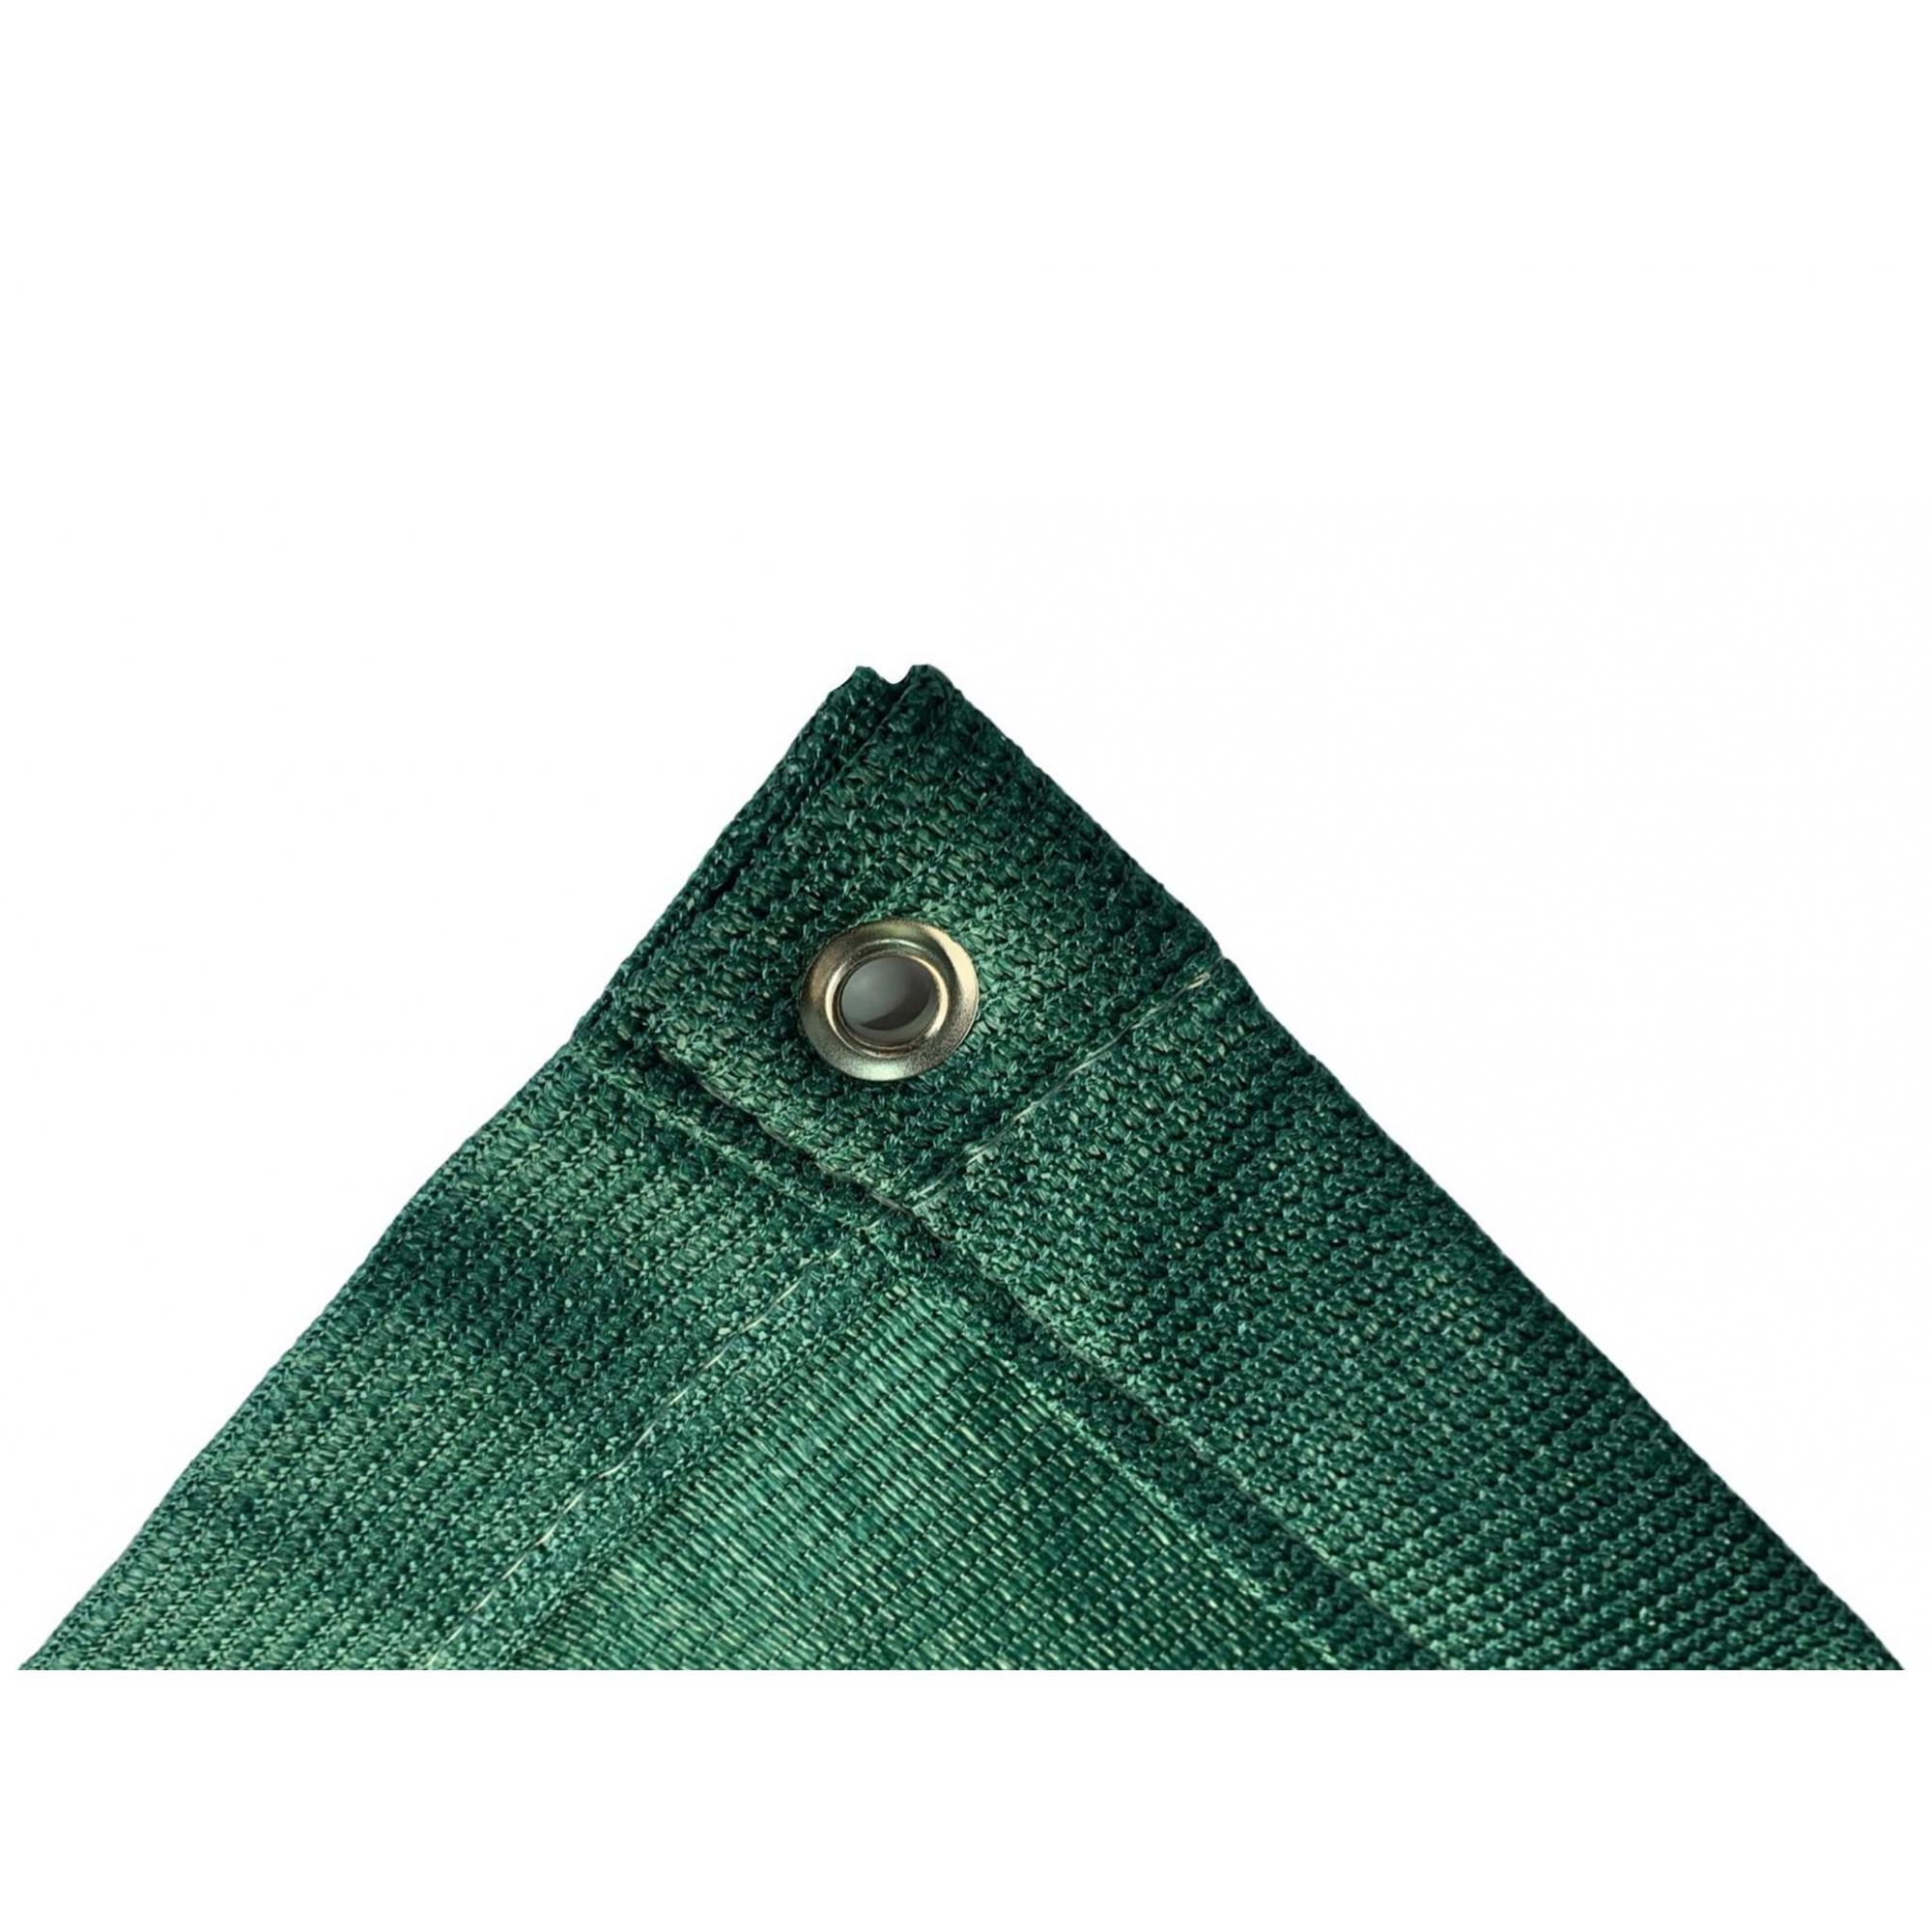 Tela de Sombreamento 90% Verde com Bainha e Ilhós - Largura: 5 Metros